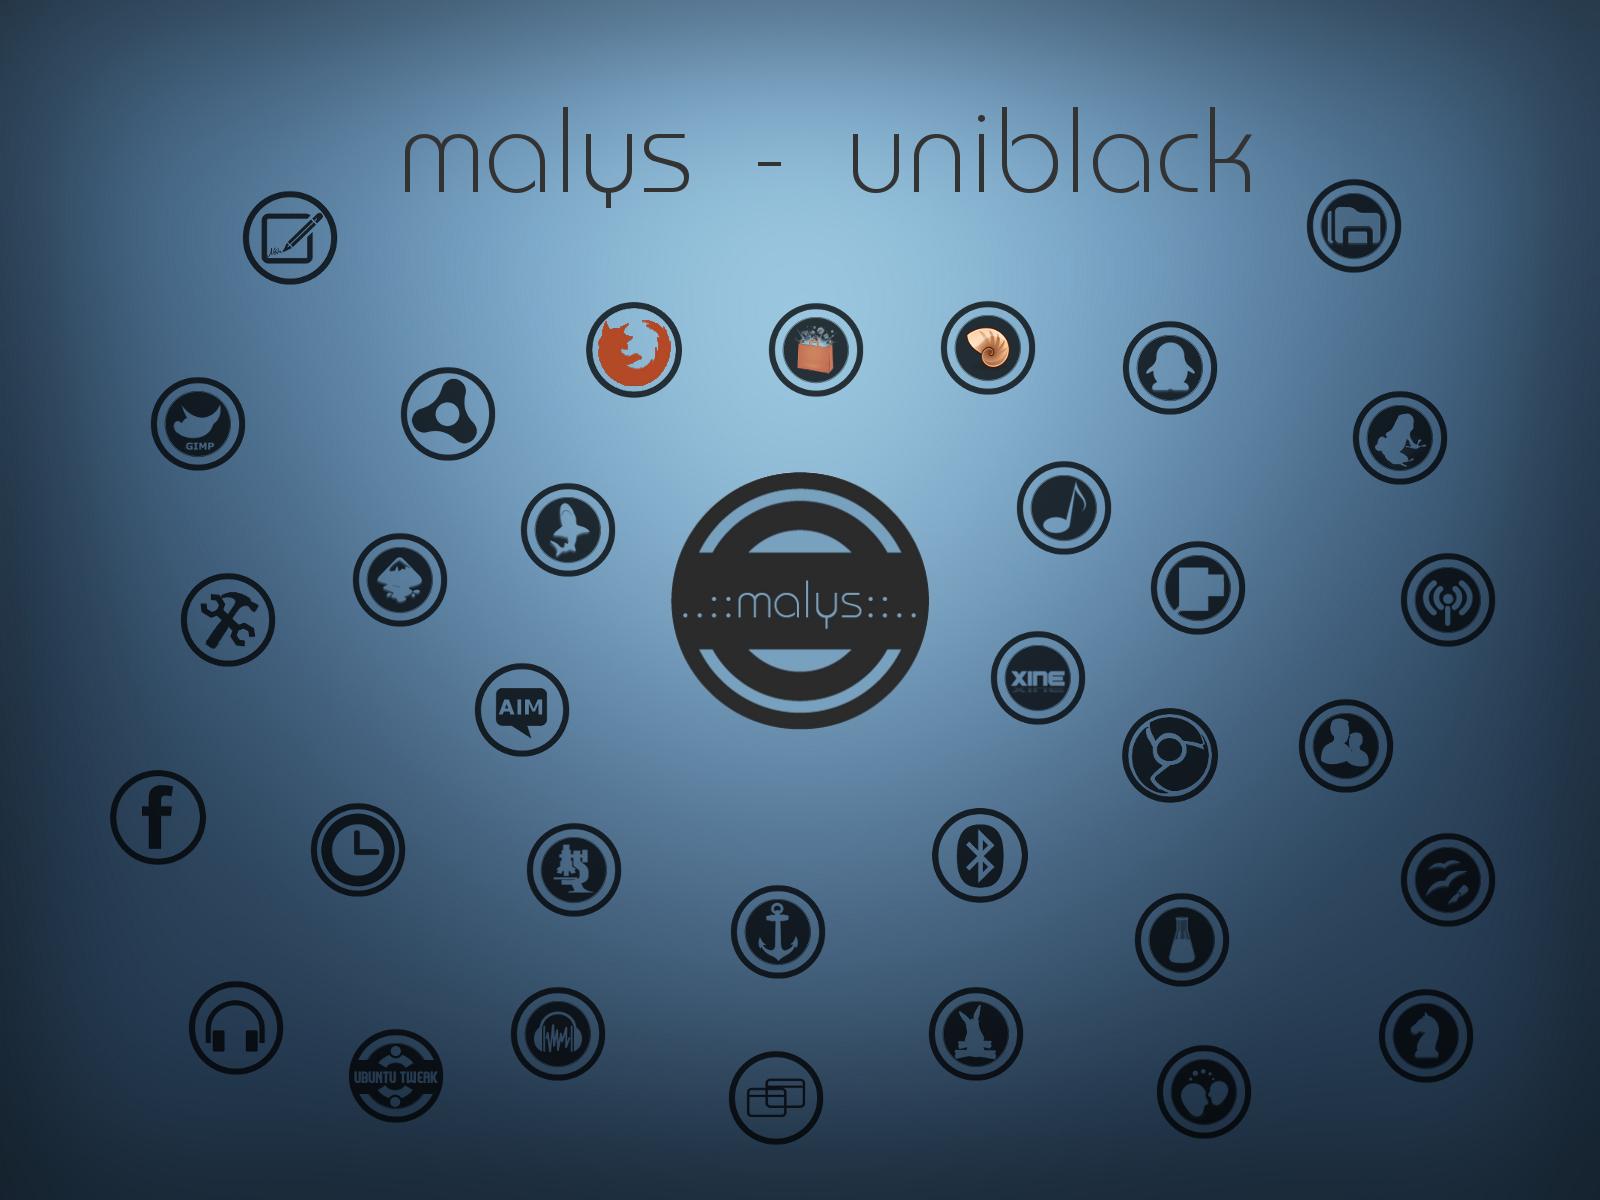 malys - uniblack update 11.09.2012